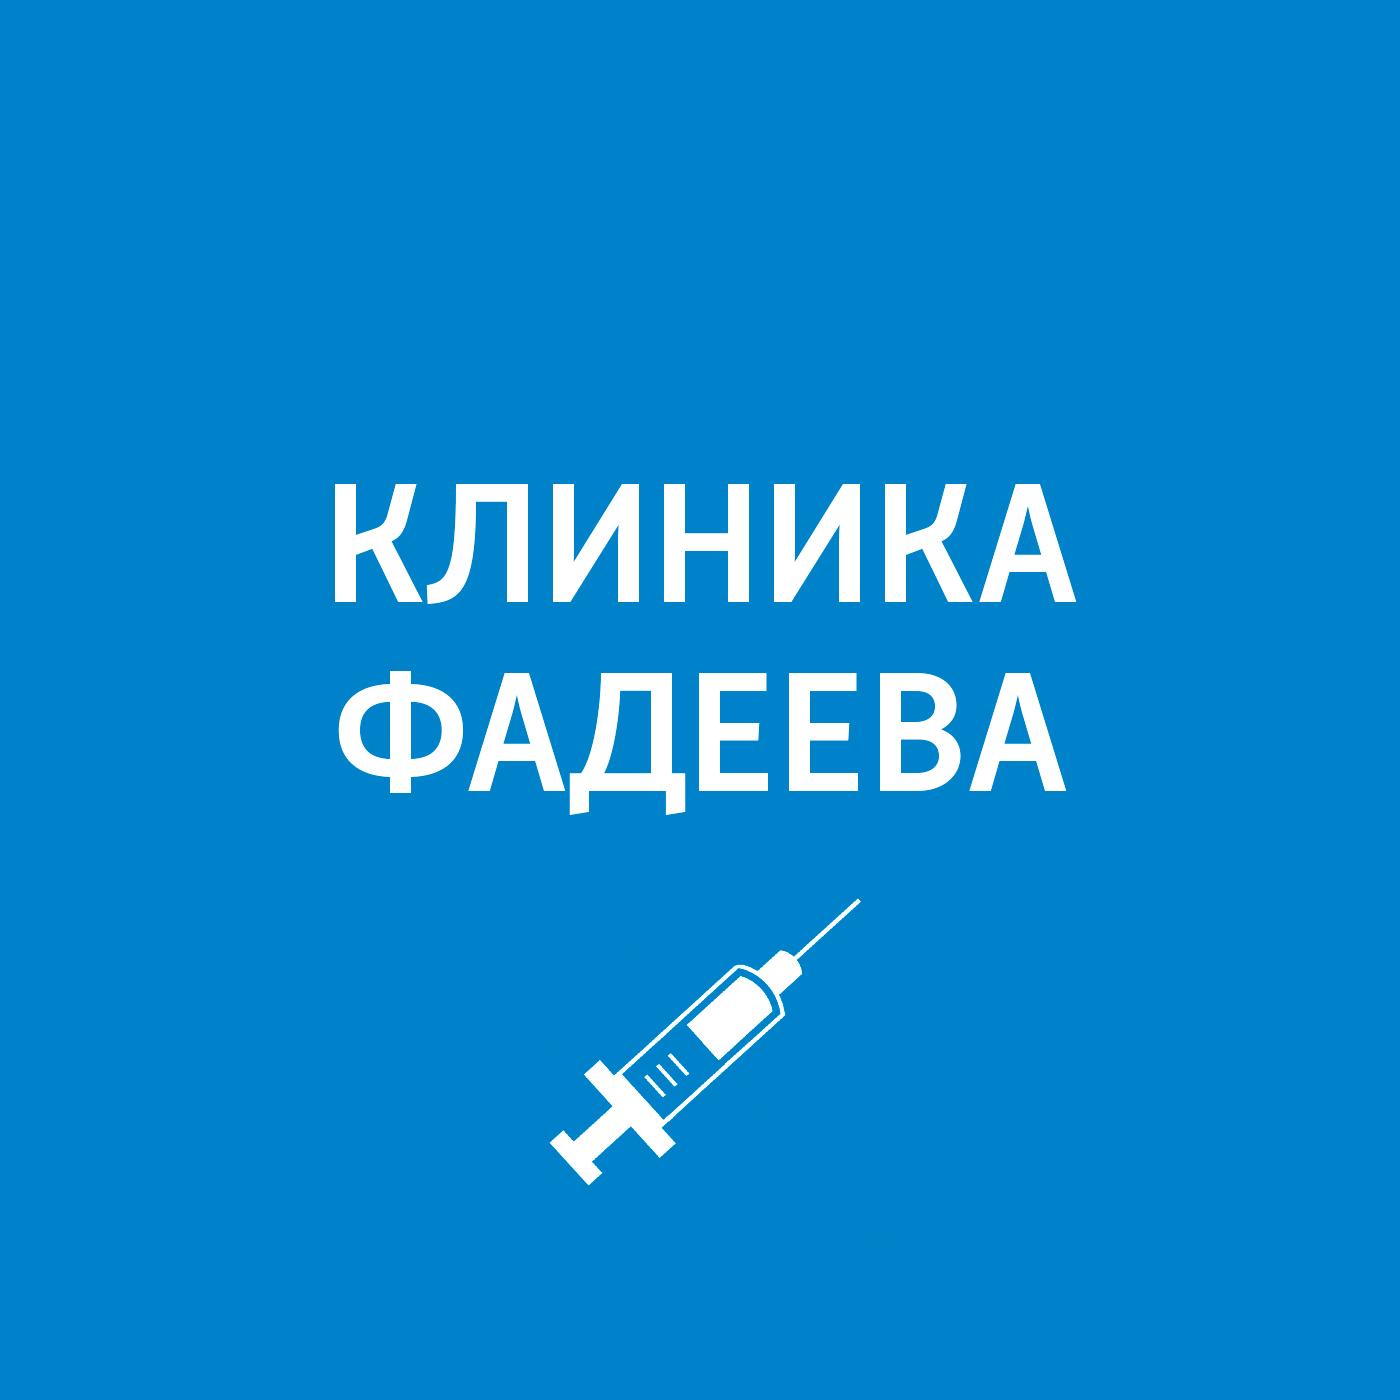 Пётр Фадеев Приём ведёт врач-офтальмолог. Ответы на вопросы цены